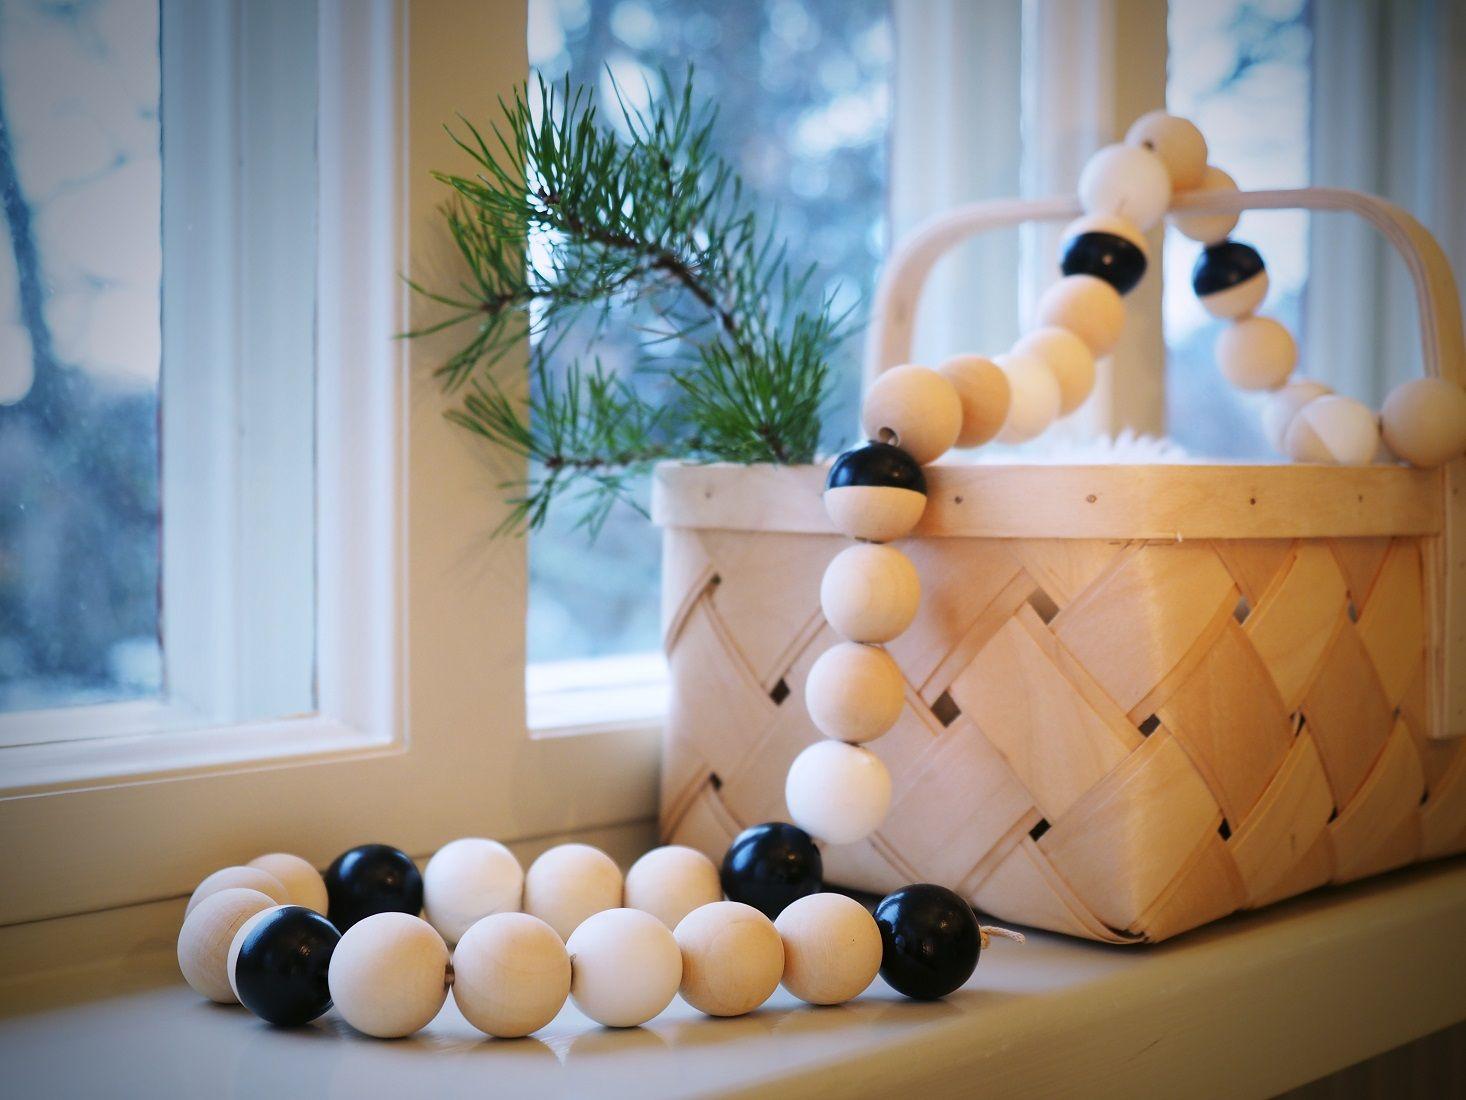 Dippaus on helppo ja nopea tapa luoda kotiin joulun tunnelmaa. Puupallot dipattiin vaaleaan Helmi-kalustemaalin Gardenia F309-sävyyn ja Black-tehostemaaliin, jossa täyteläisen musta valmissävy. Veikeän ketjun saat dippaamalla osan puupalloista kokonaan ja osan puoliksi valittuun maalisävyyn.Kauniilla puupalloilla voi yksinään jo koristaa kuusen, lahjapaketit ja vaikka kattauksen. Kun pujotat ne ketjuun, saat uudenlaisen koristenauhan esimerkiksi joulukuuseen.